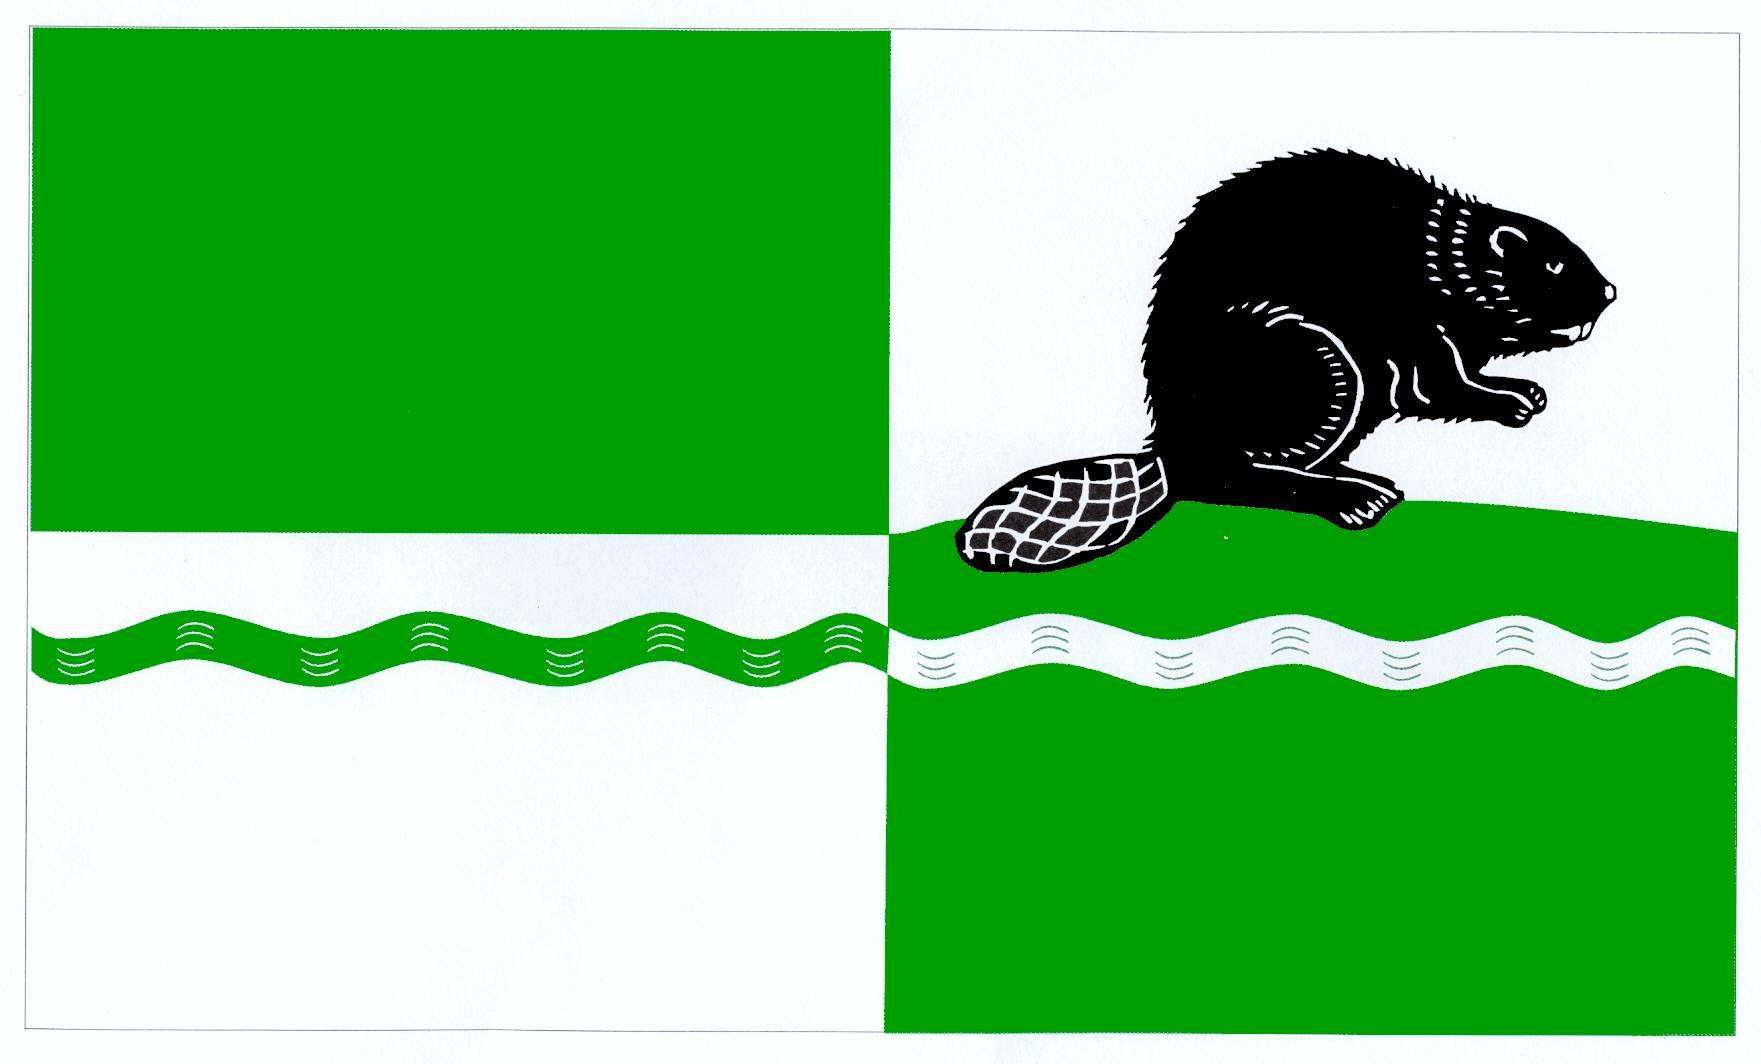 Flagge Gemeinde Bevern, Kreis Pinneberg